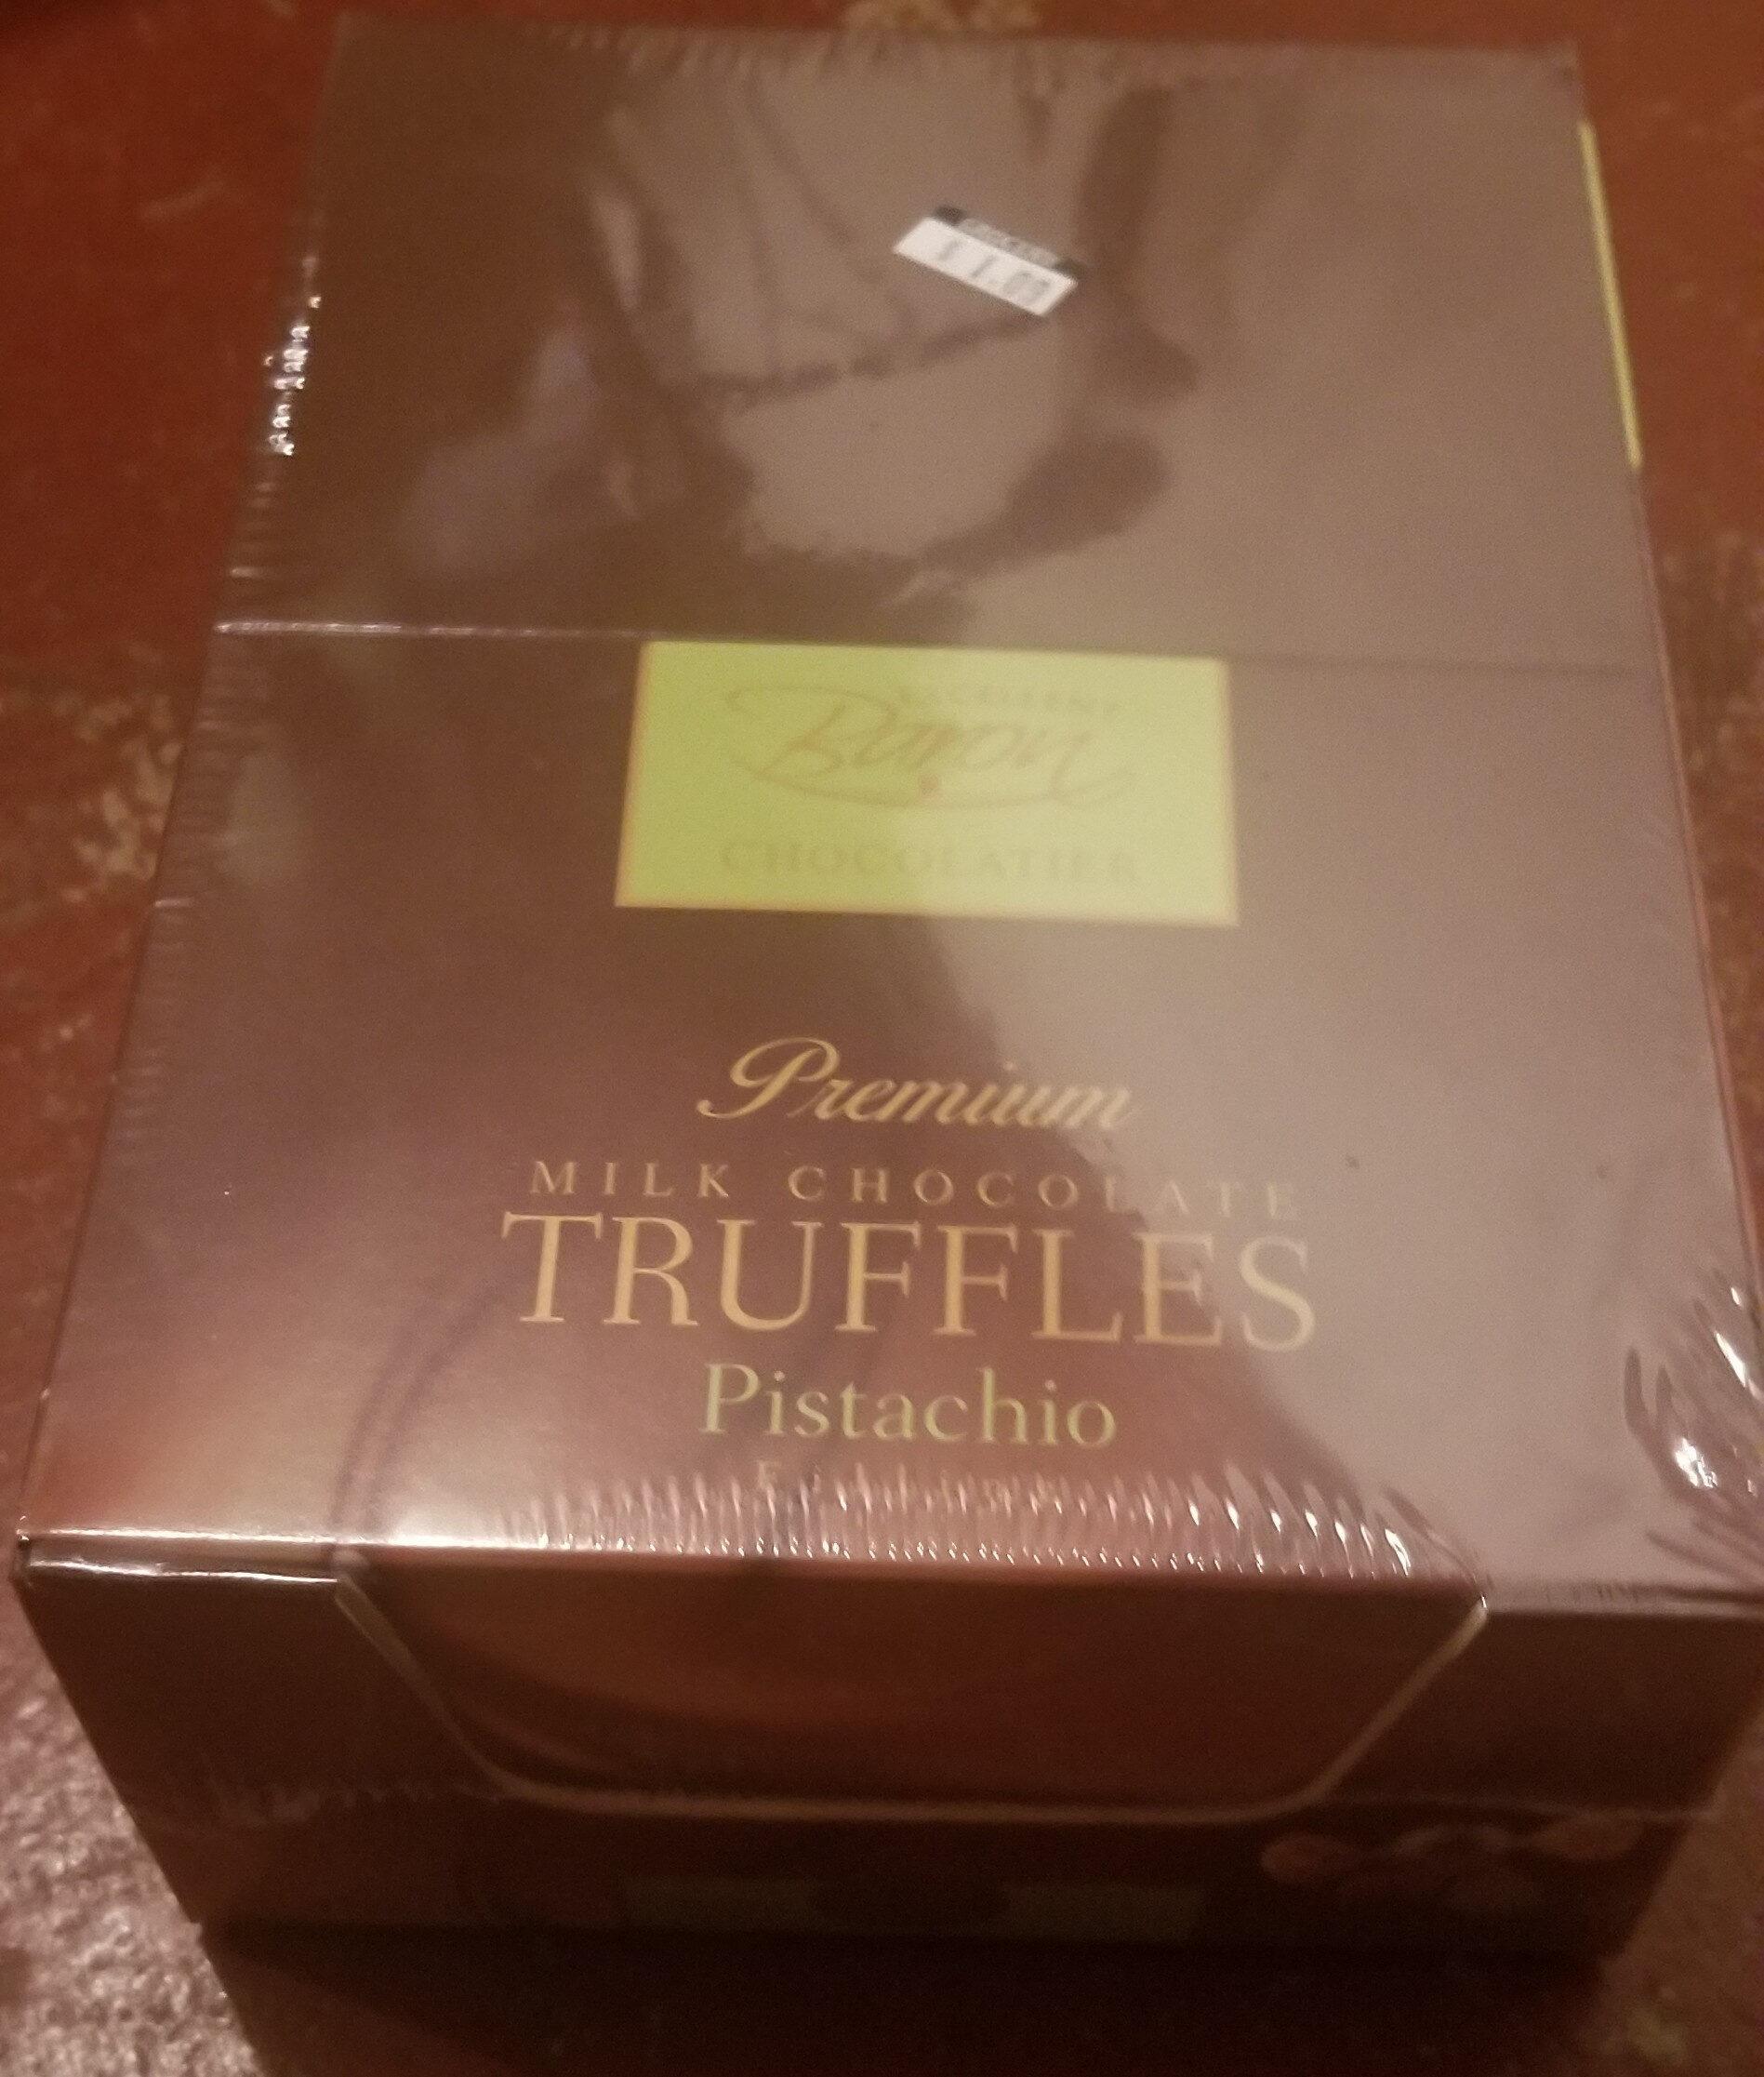 Premium Milk Chocolate Truffles Pistachio - Product - en